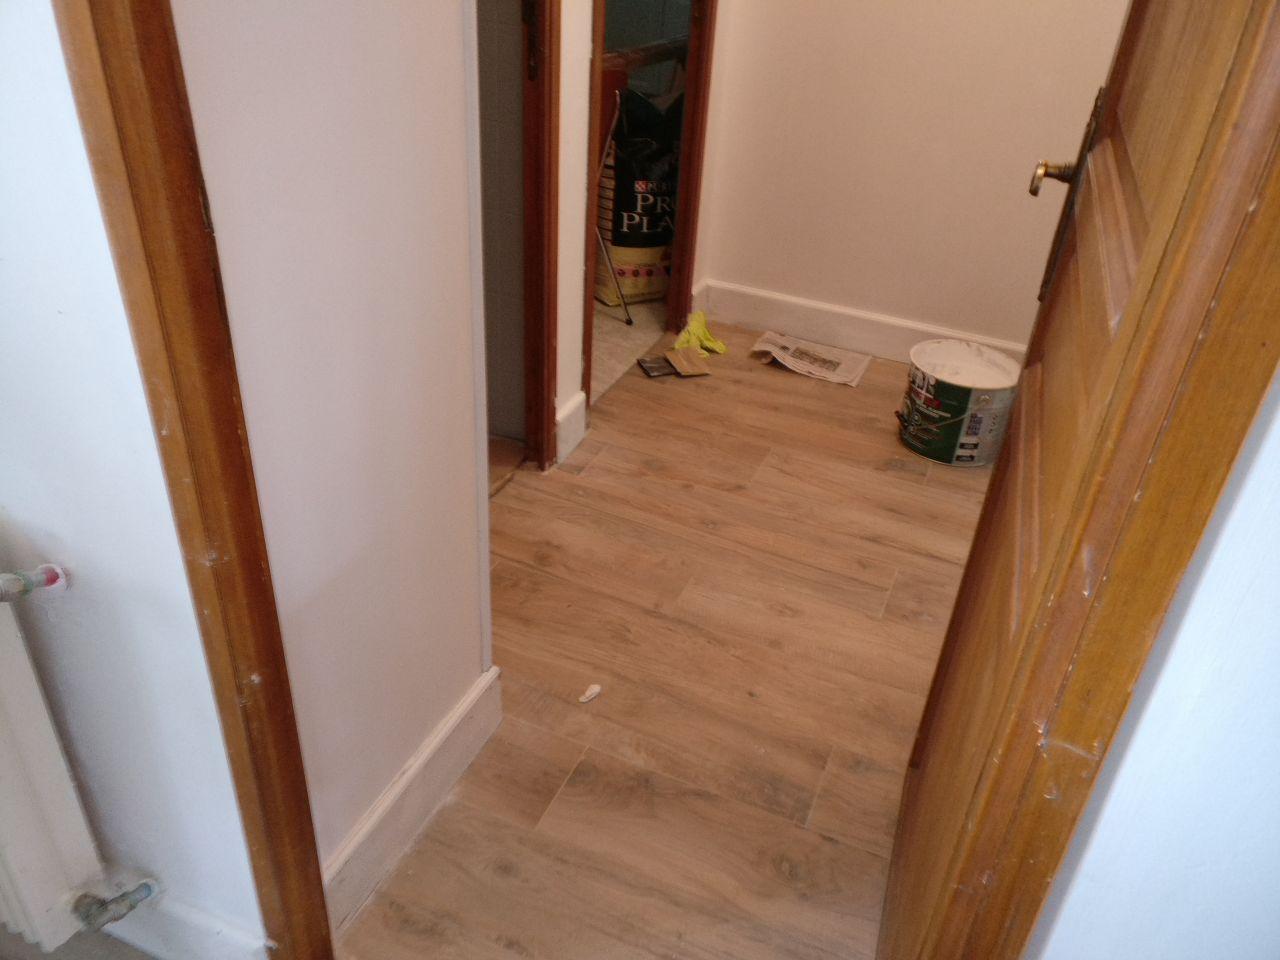 couloir repeint avec les pleintes et le carrelage au sol, c'est mieux